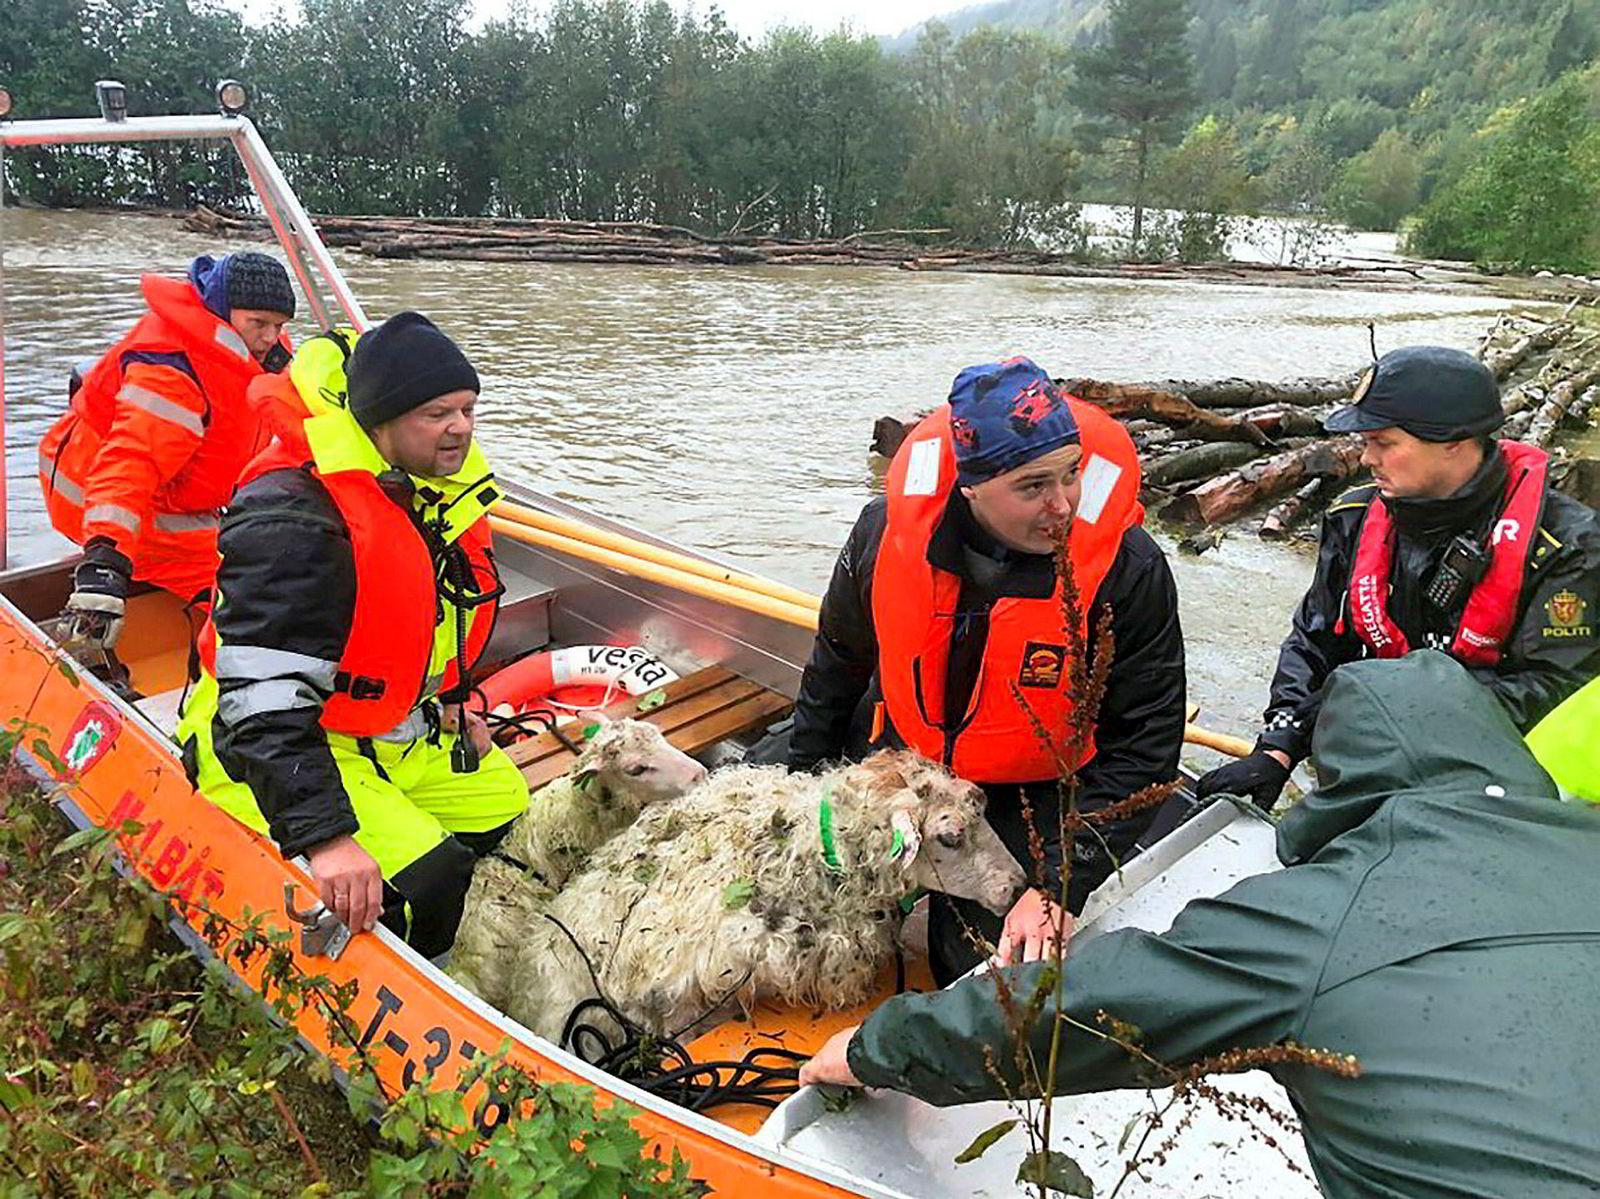 16. september måtte flere sauer reddes fra vannmassene da elven Surna i Møre og Romsdal gikk over sine bredder. 100 sauer og flere kyr ble tatt av vannet.